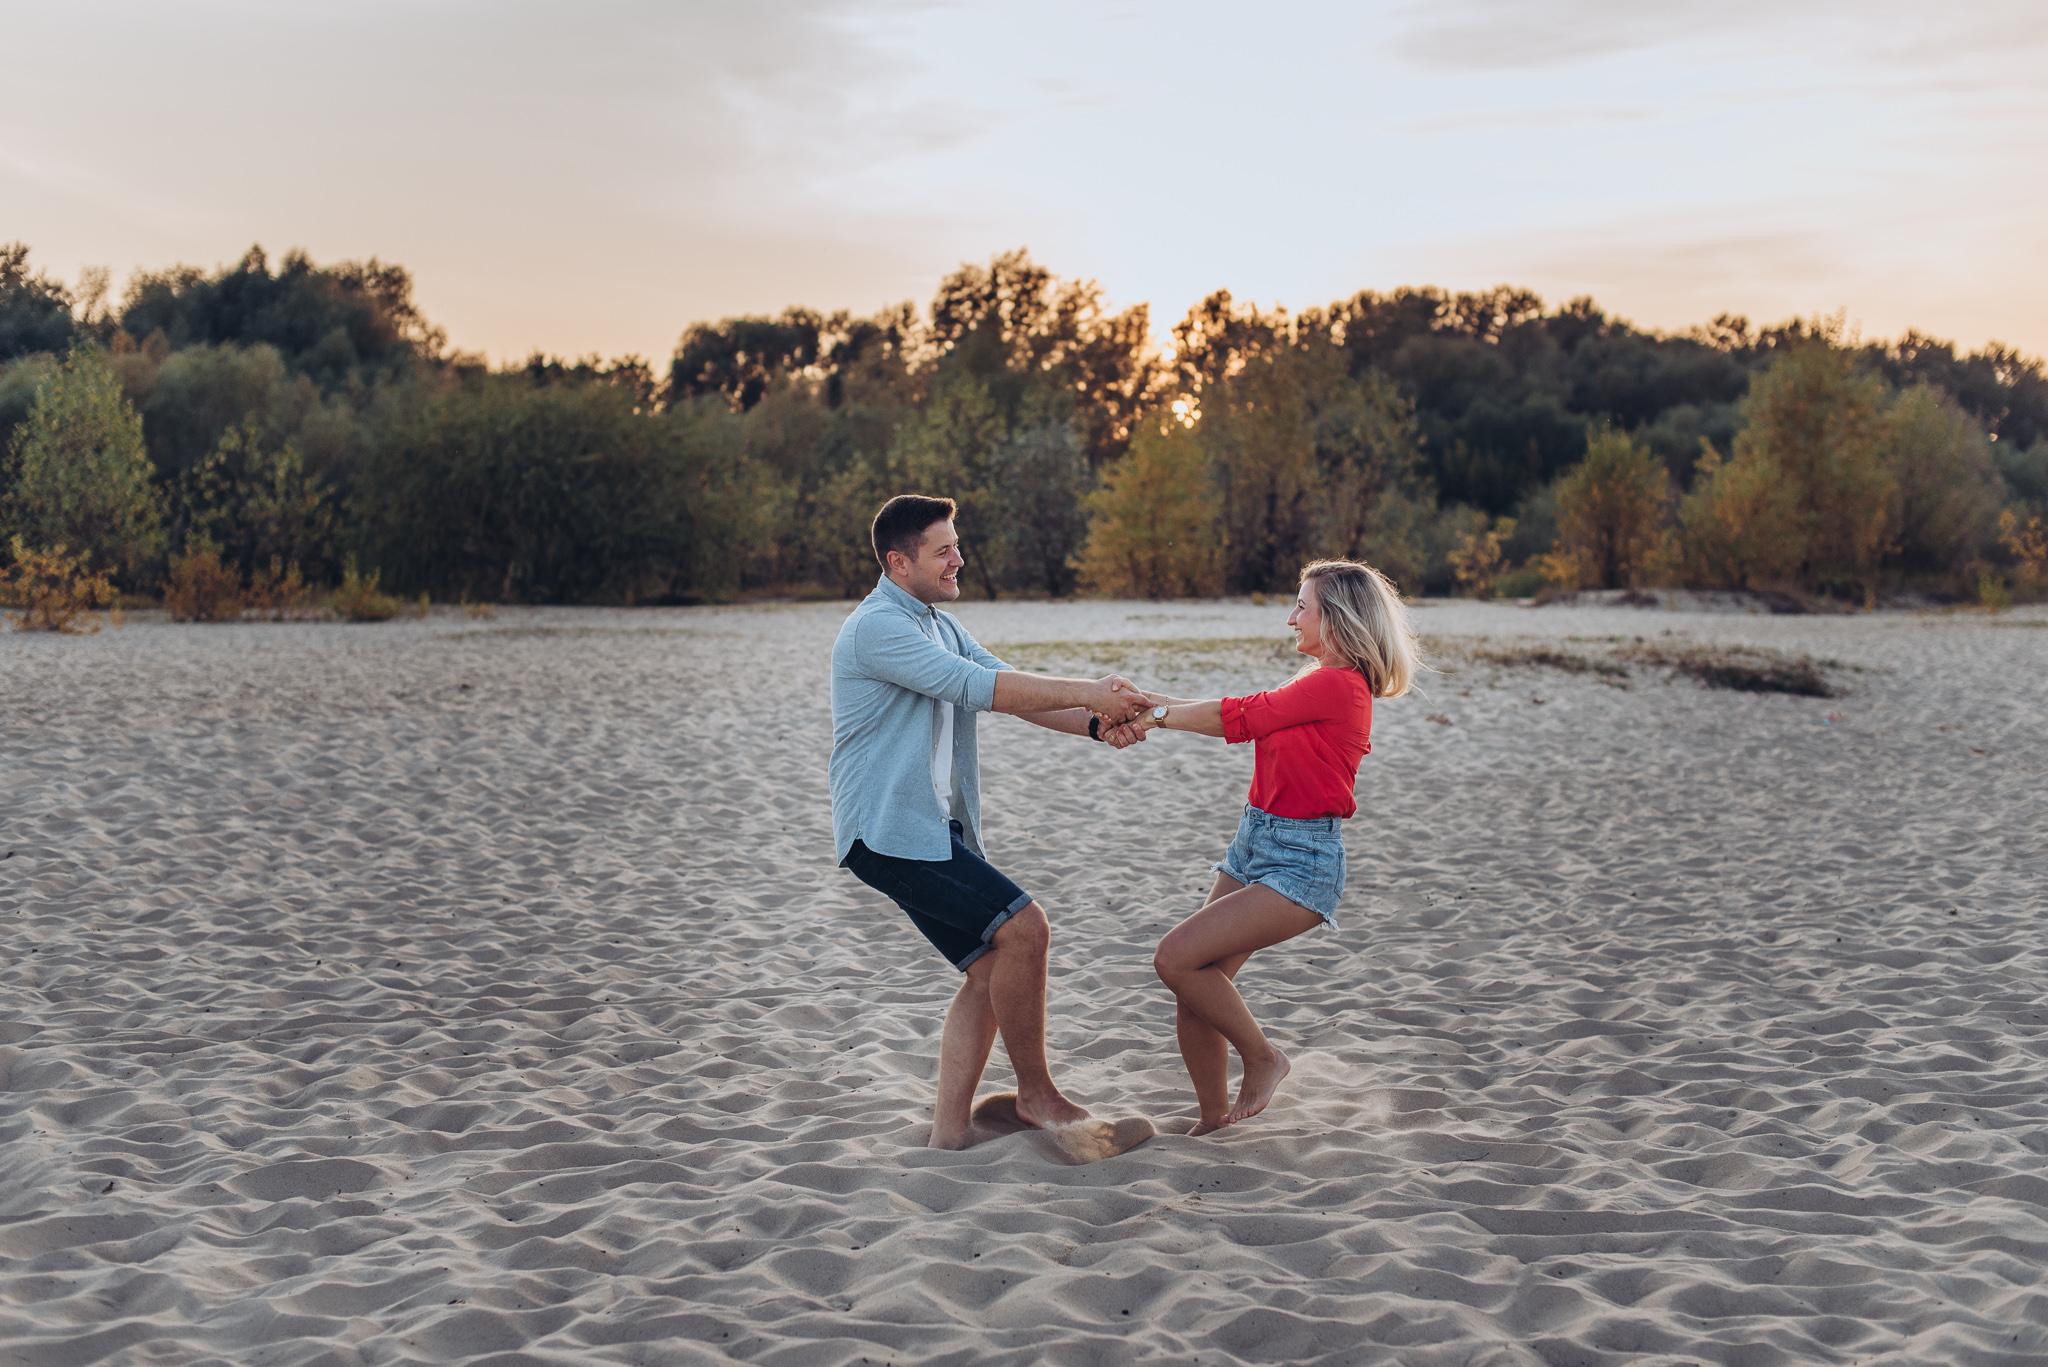 sesja pary zakochanych na plazy warszawa konstancin ciszyca